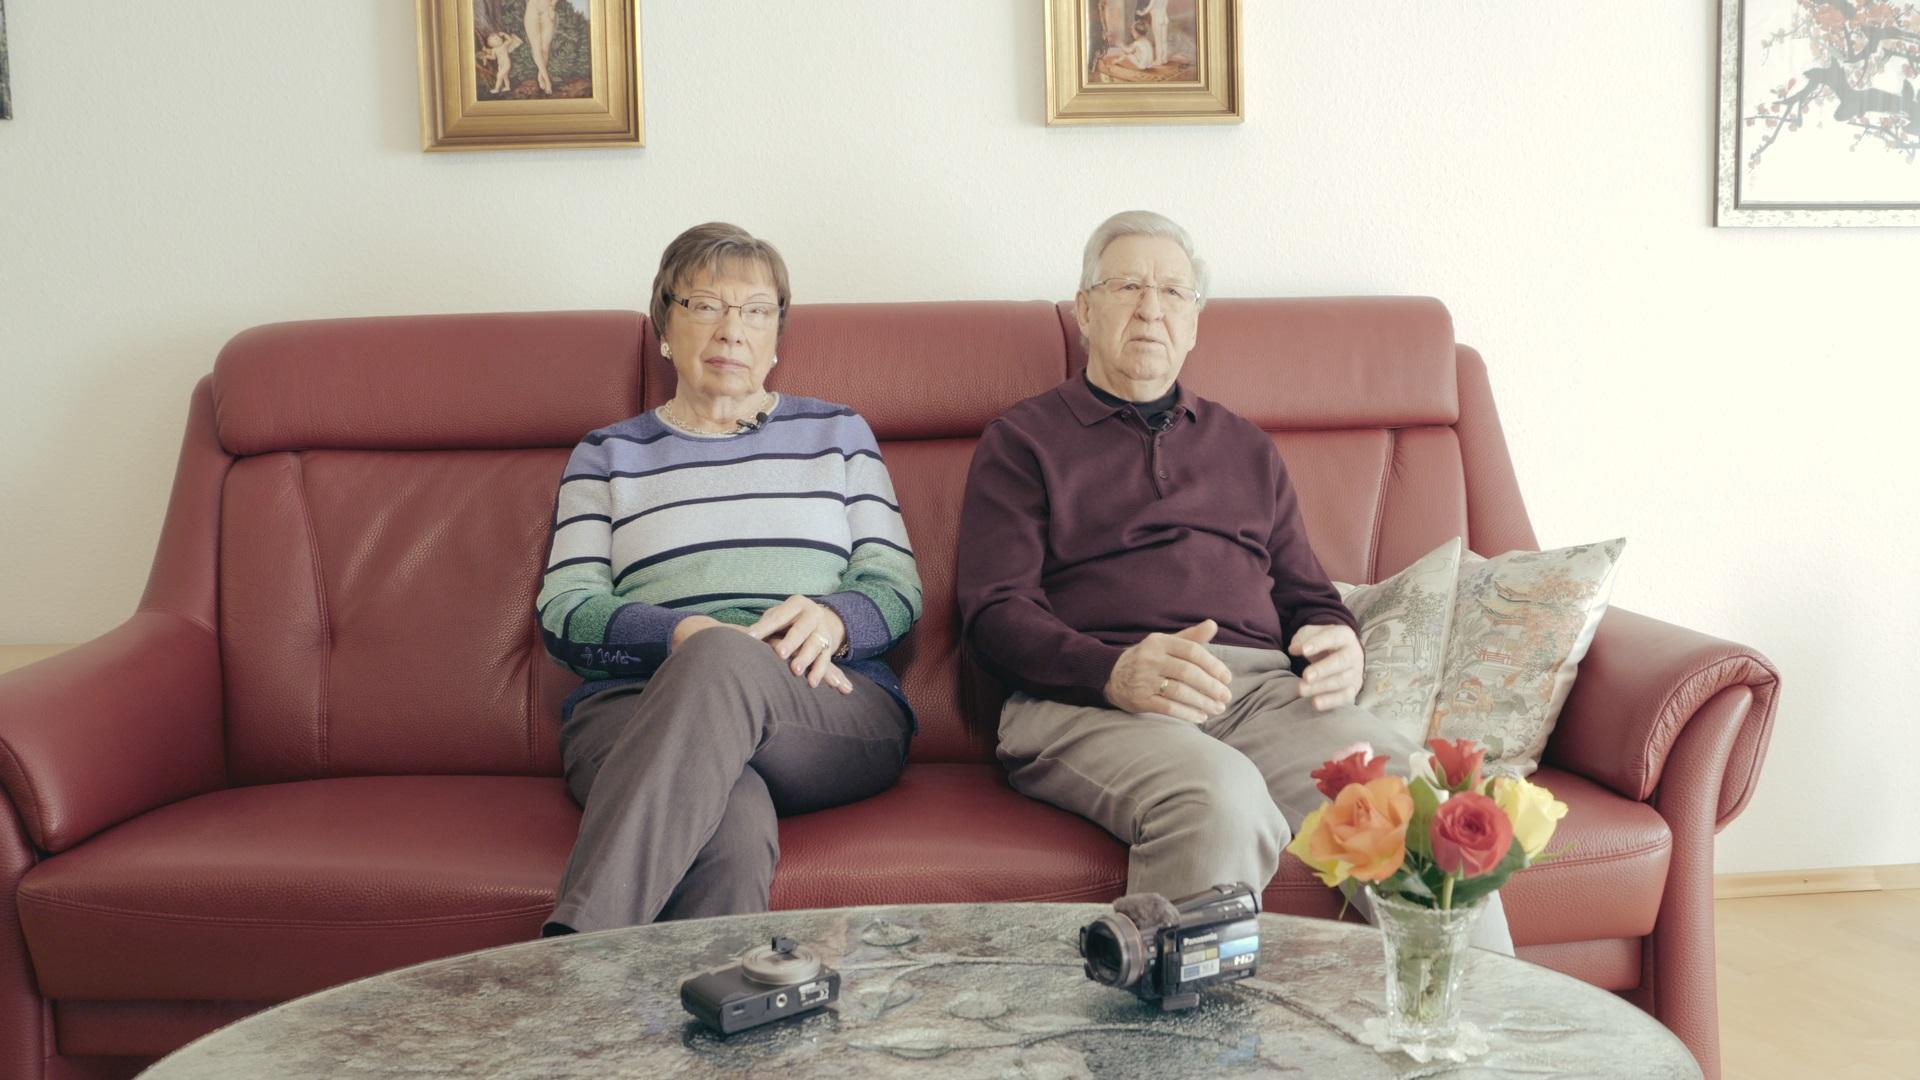 Renate und Uli Friebe sind Mitglied im VideoFilmClub Nürnberg 50 plus. Sie macht Regie, ihr Mann assistiert.